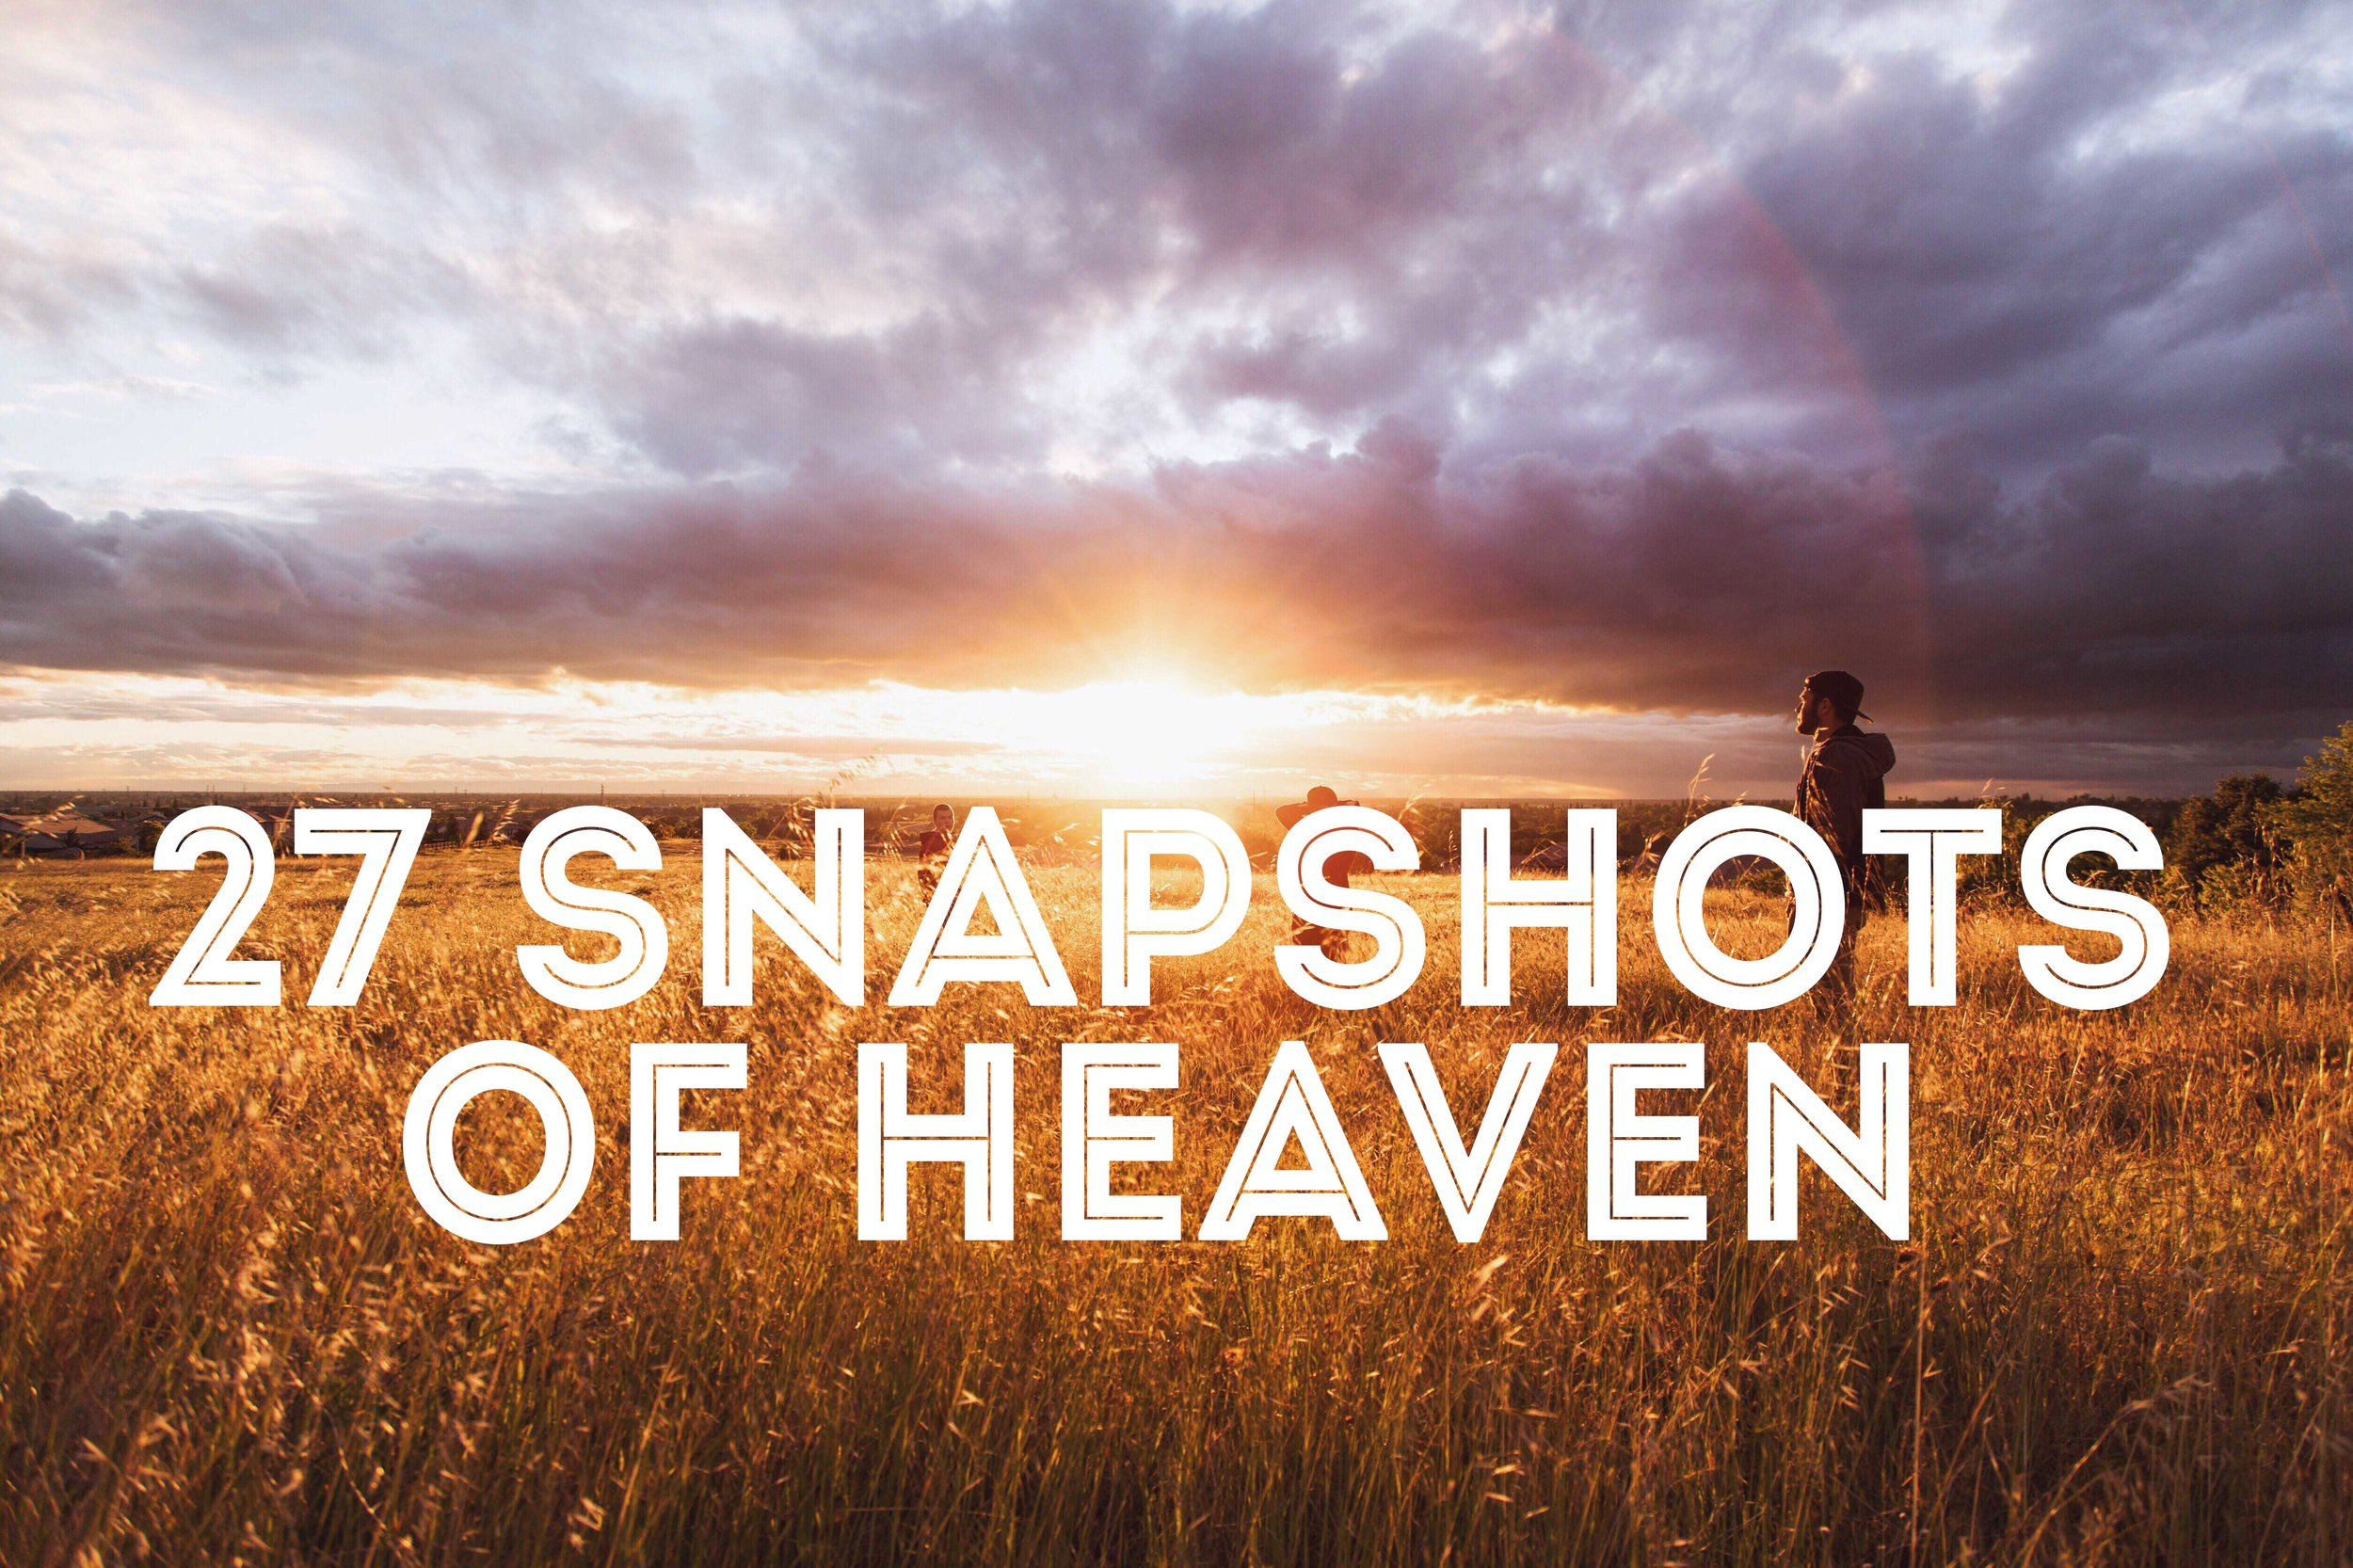 Snapshots-of-Heaven.jpg